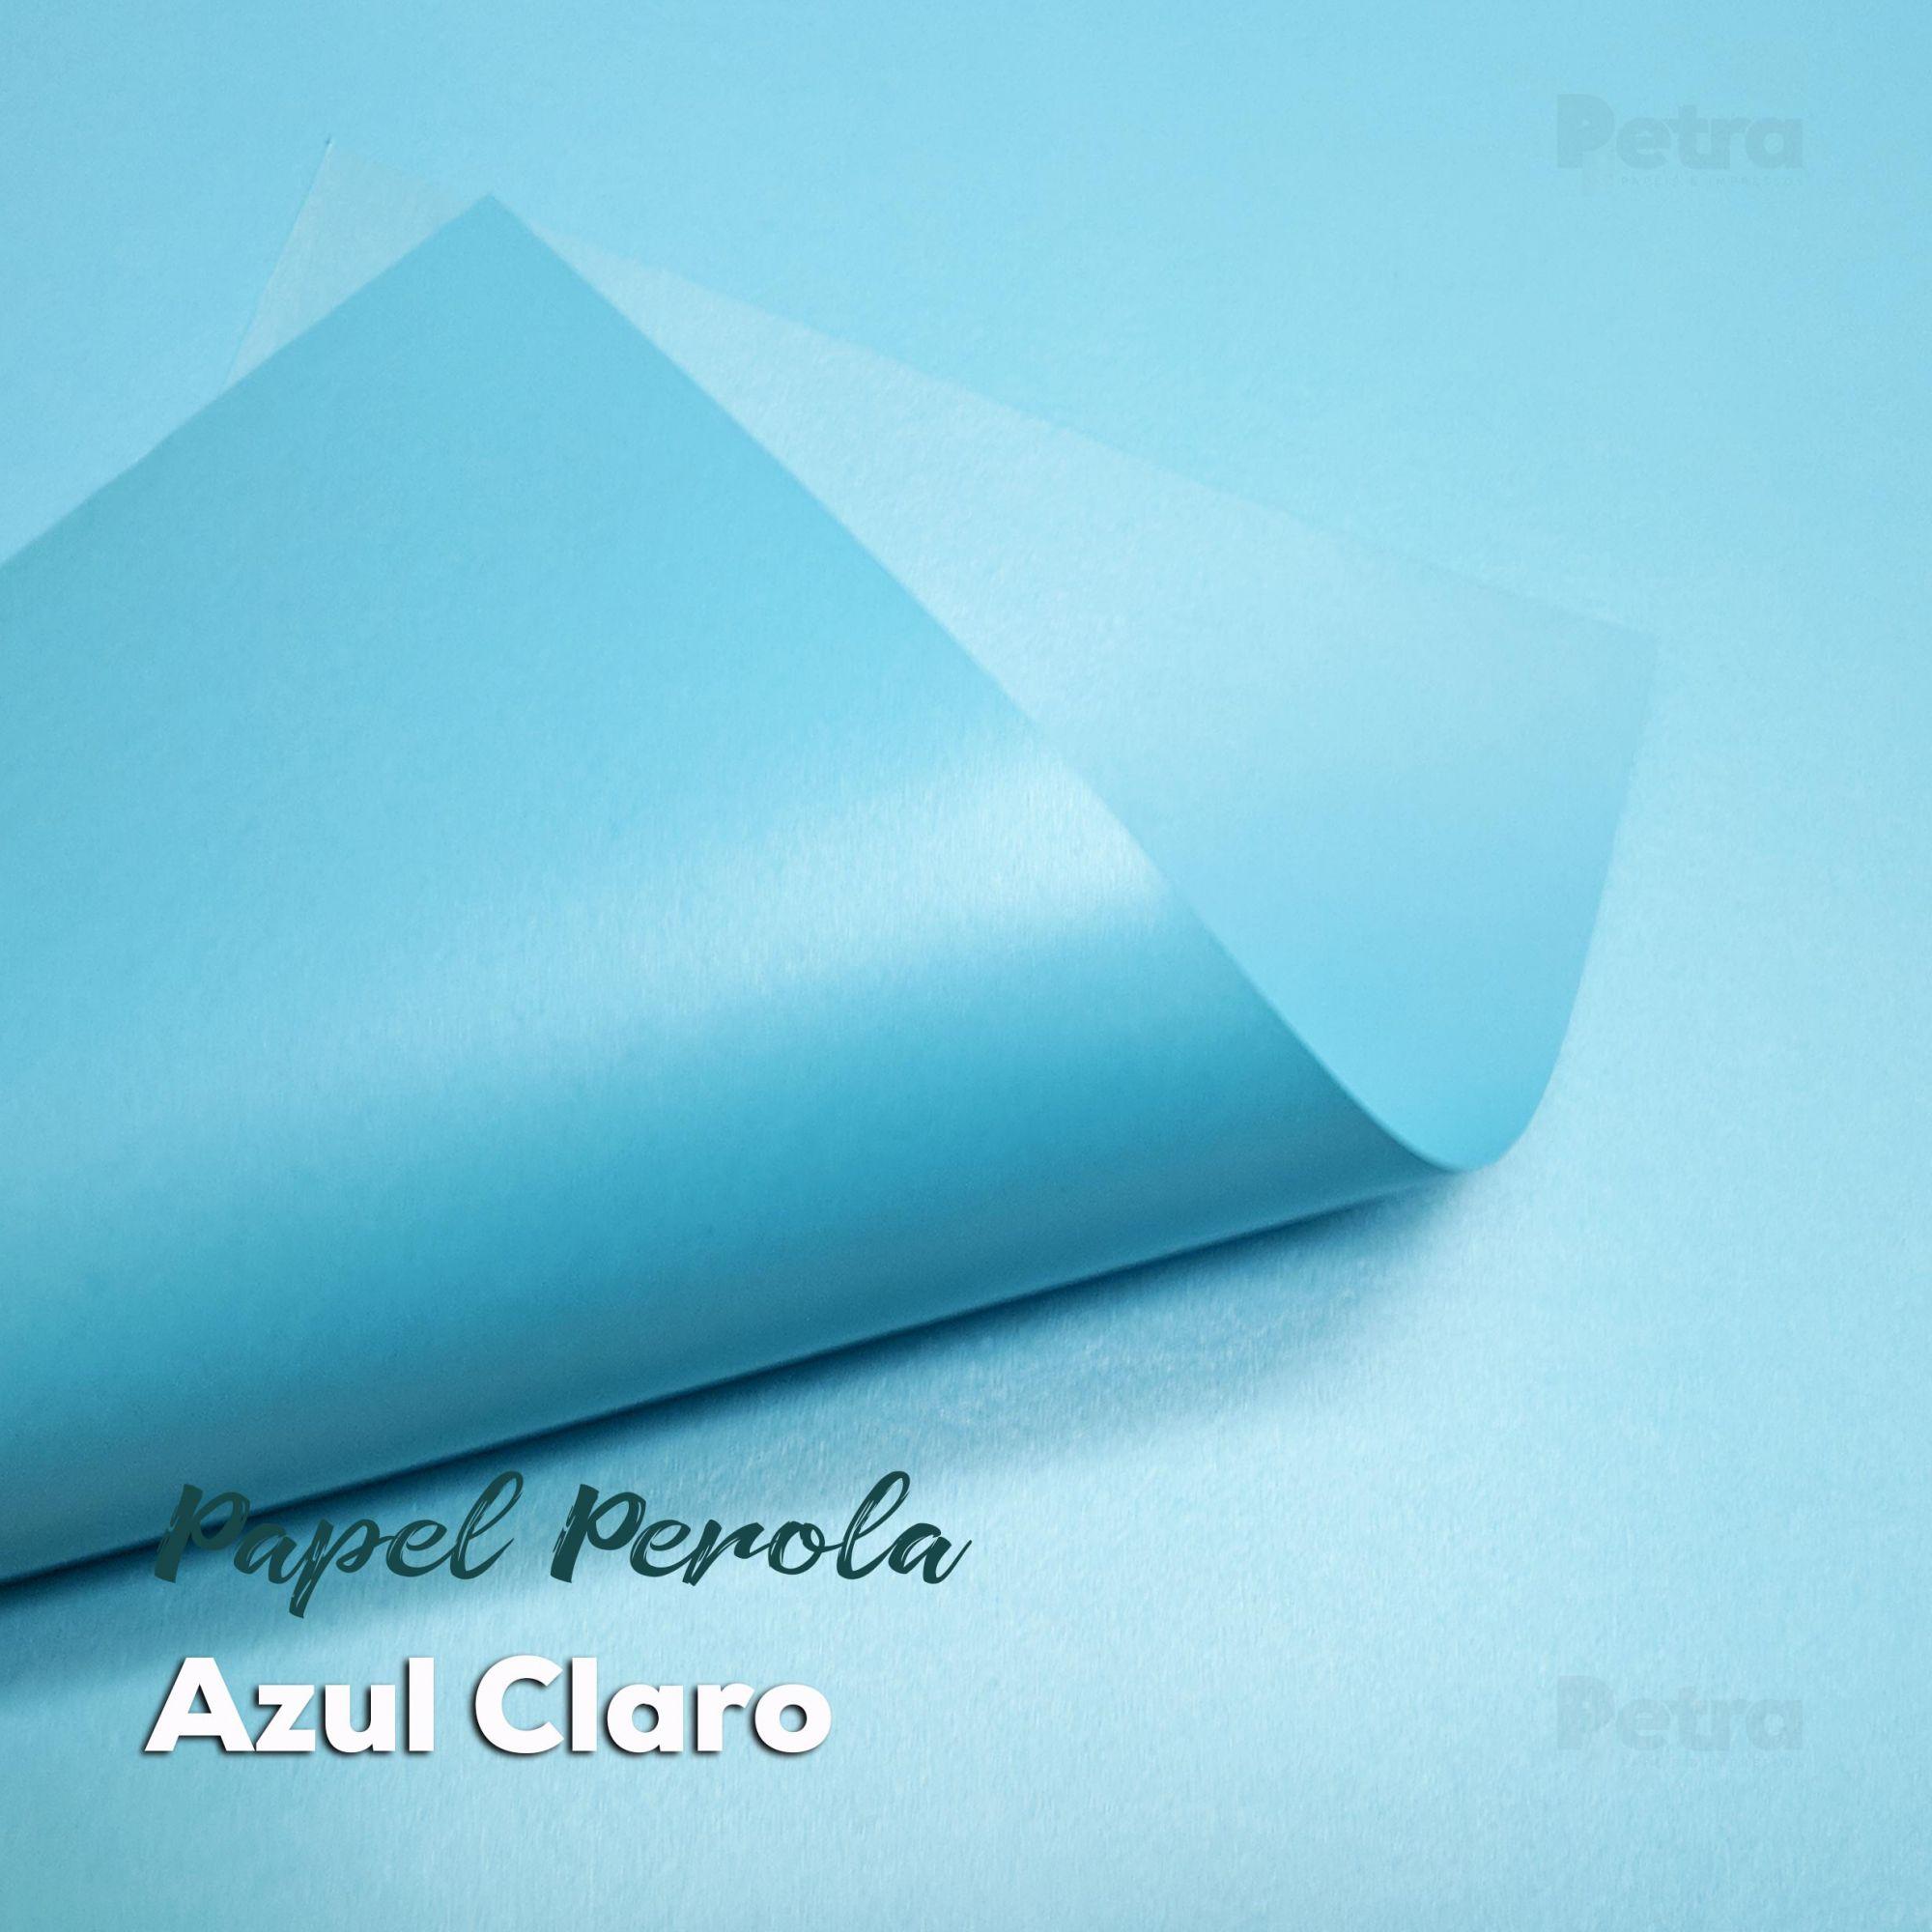 Papel Pérola Azul Claro Tam: 66x96cm 180g/m²  com 10 folhas